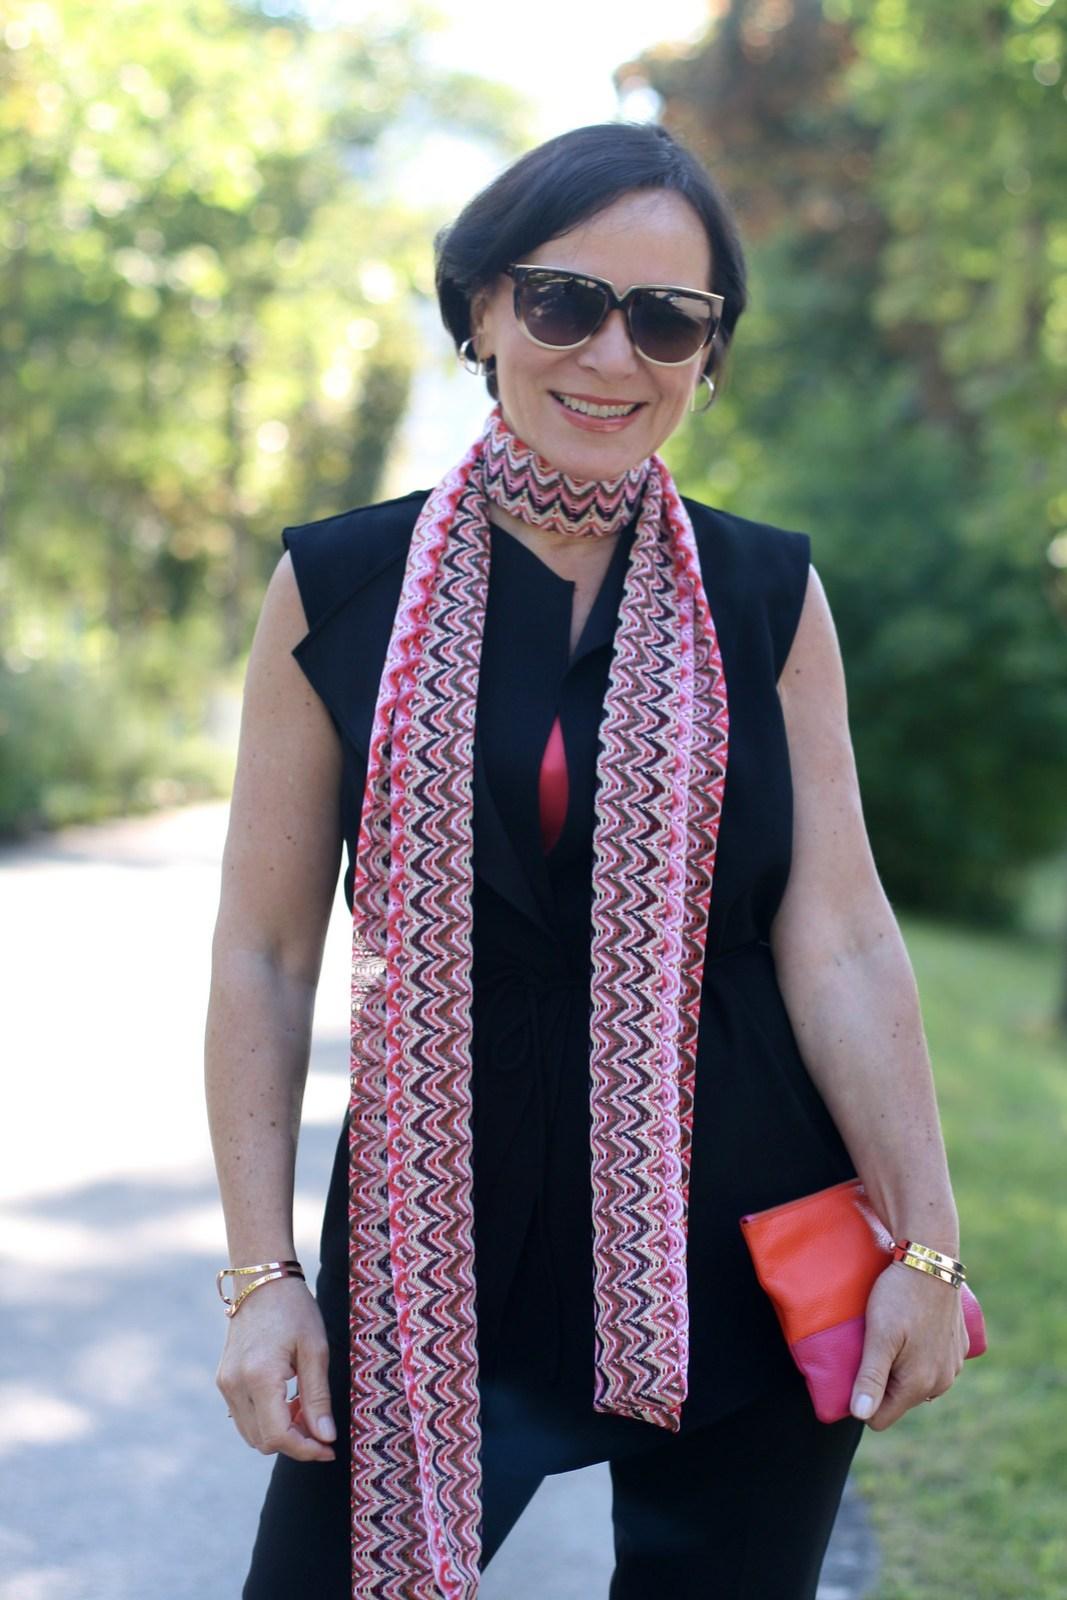 Missoni Style Scarf LadyofStyle